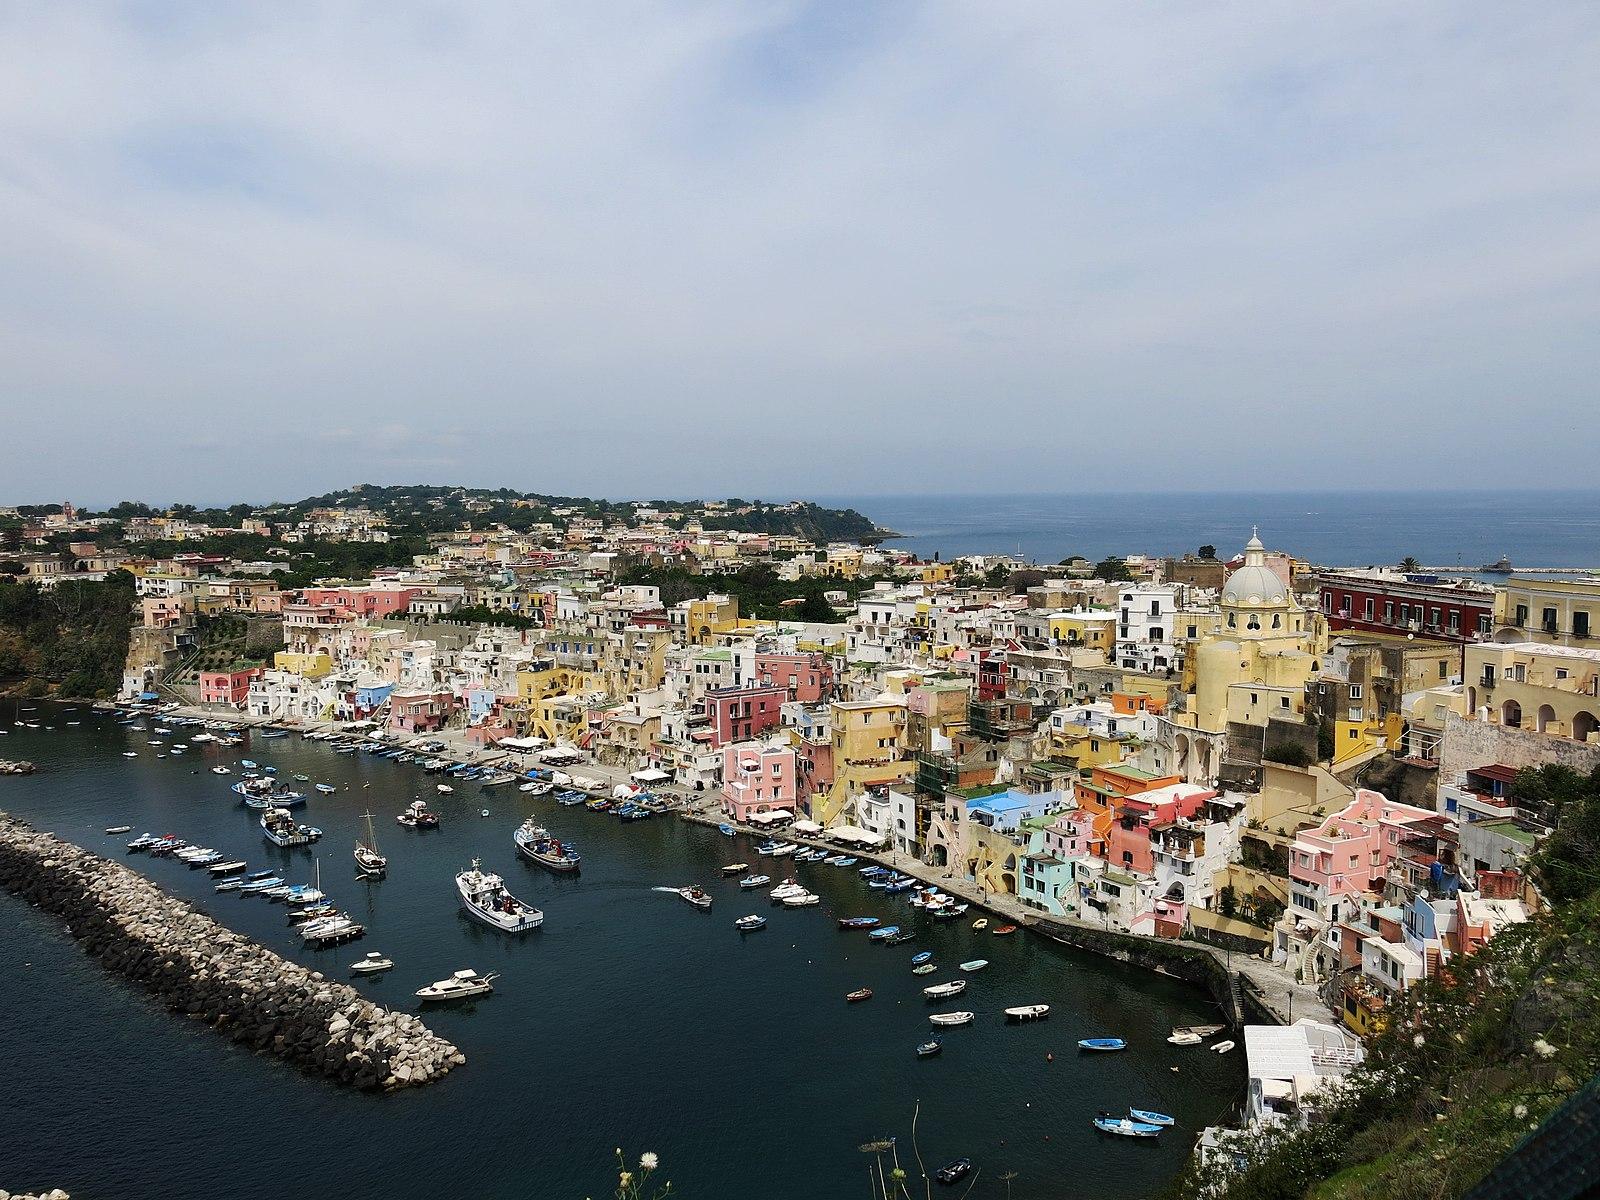 SaràProcida la Capitale italiana della cultura nel 2022. Franceschini: «Cultura e turismo torneranno fortissimi»